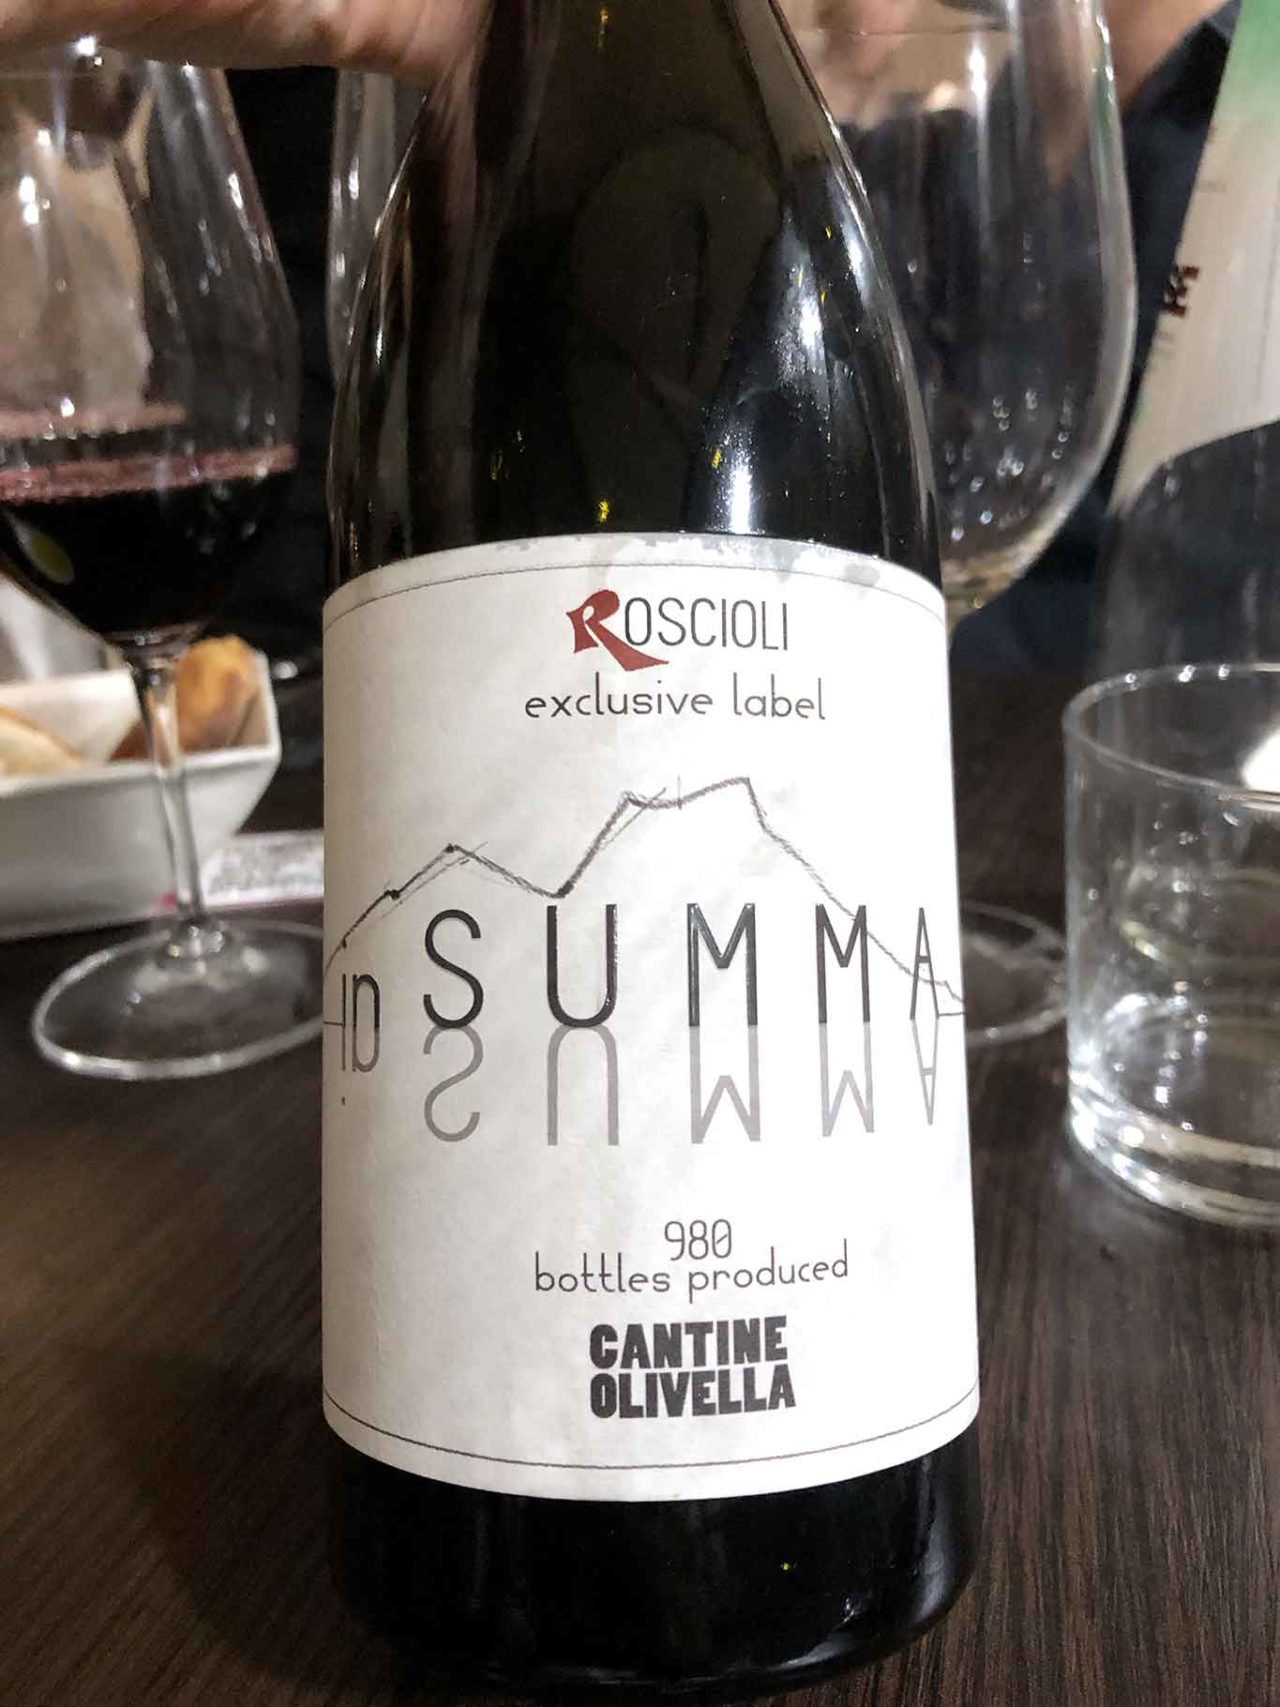 vino Cantine Olivella in Summa